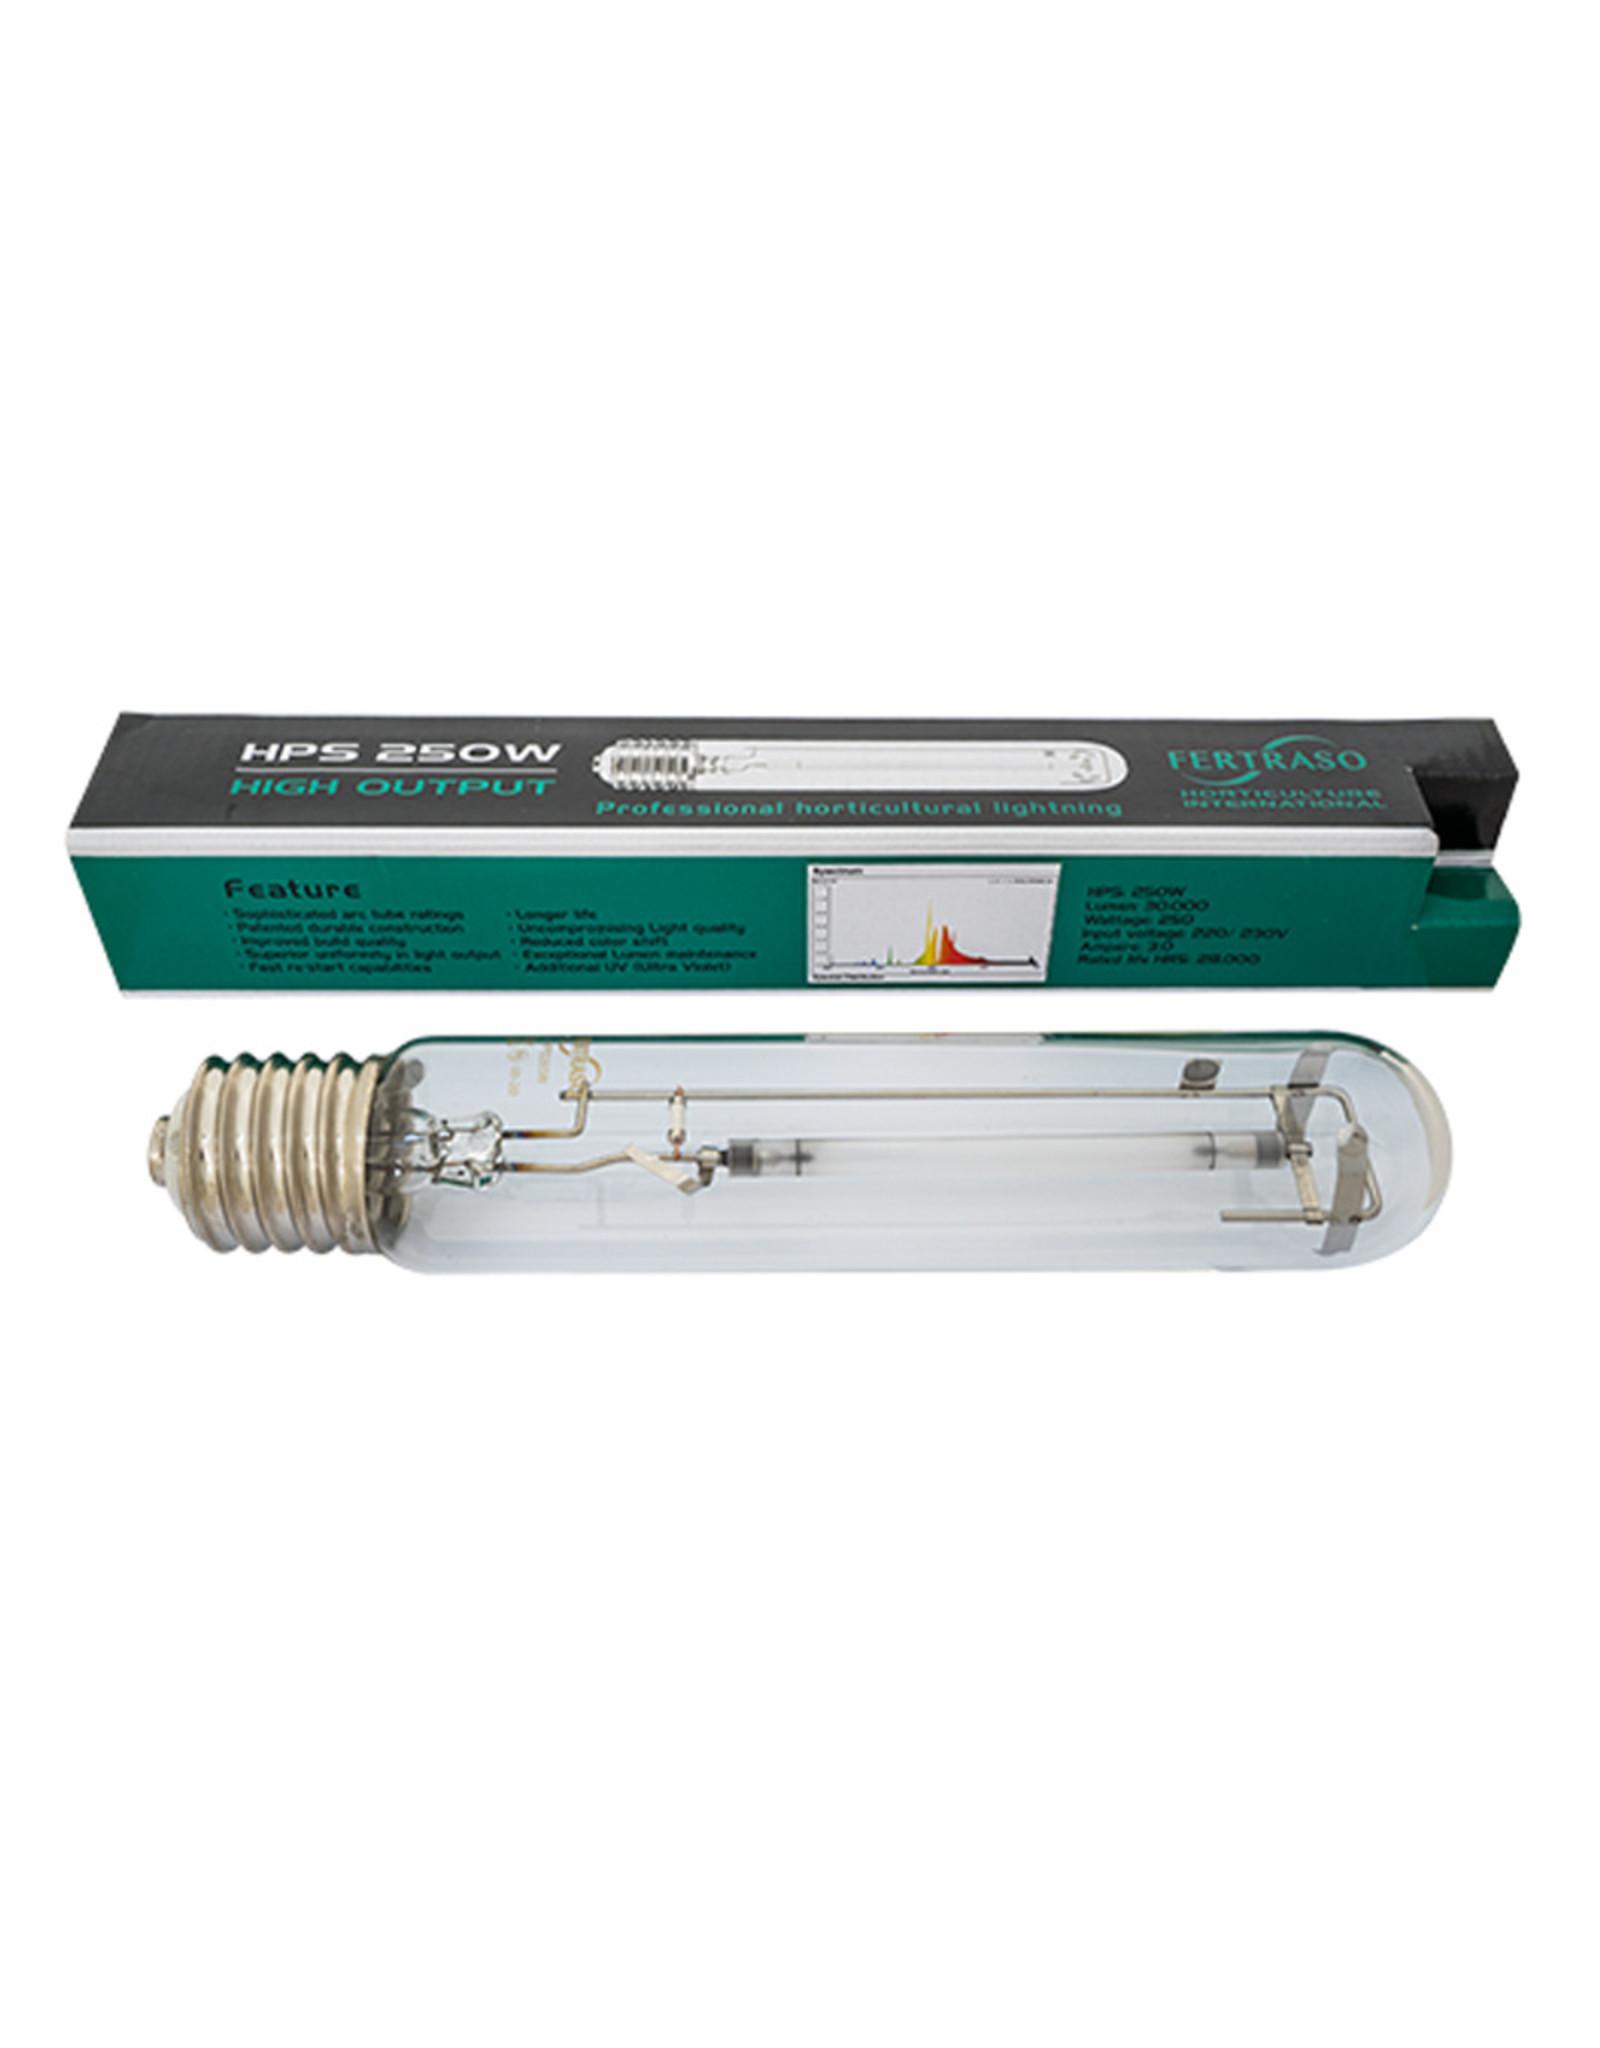 FERTRASO FERTRASO HPS LAMP  220V